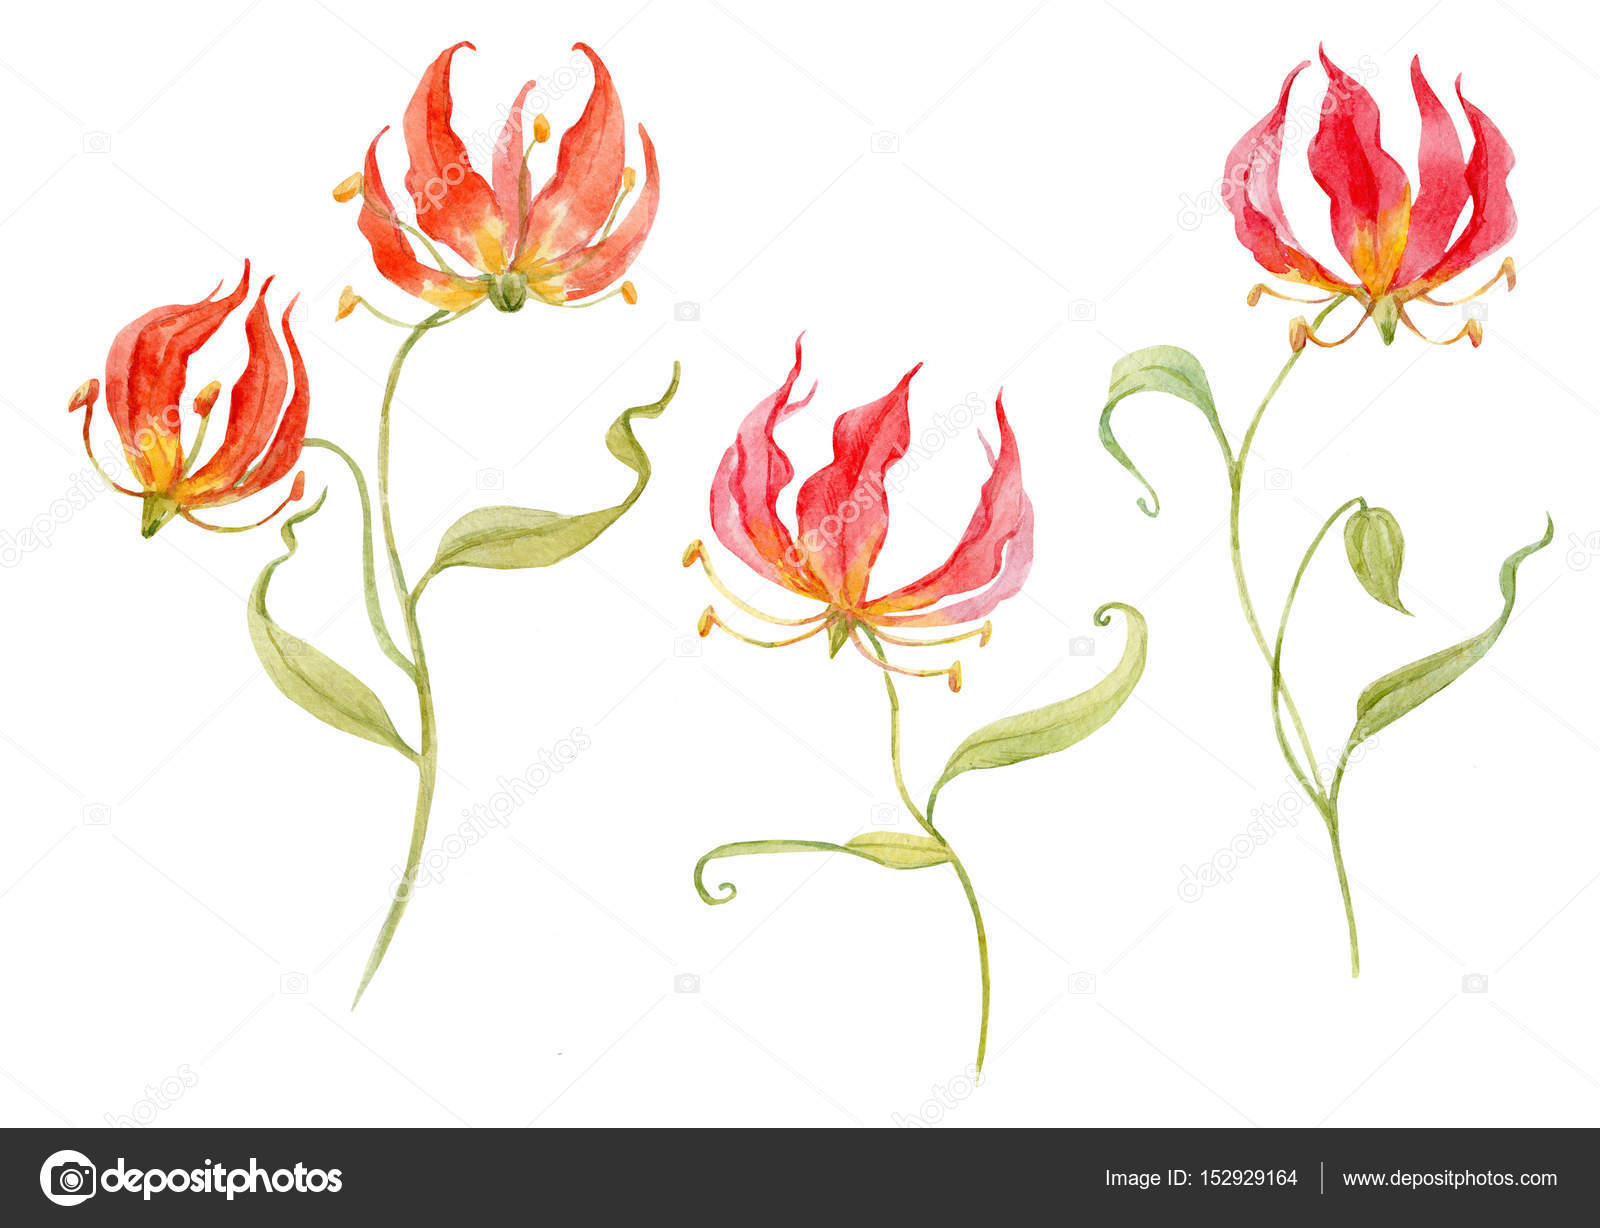 цветок глориоза фото